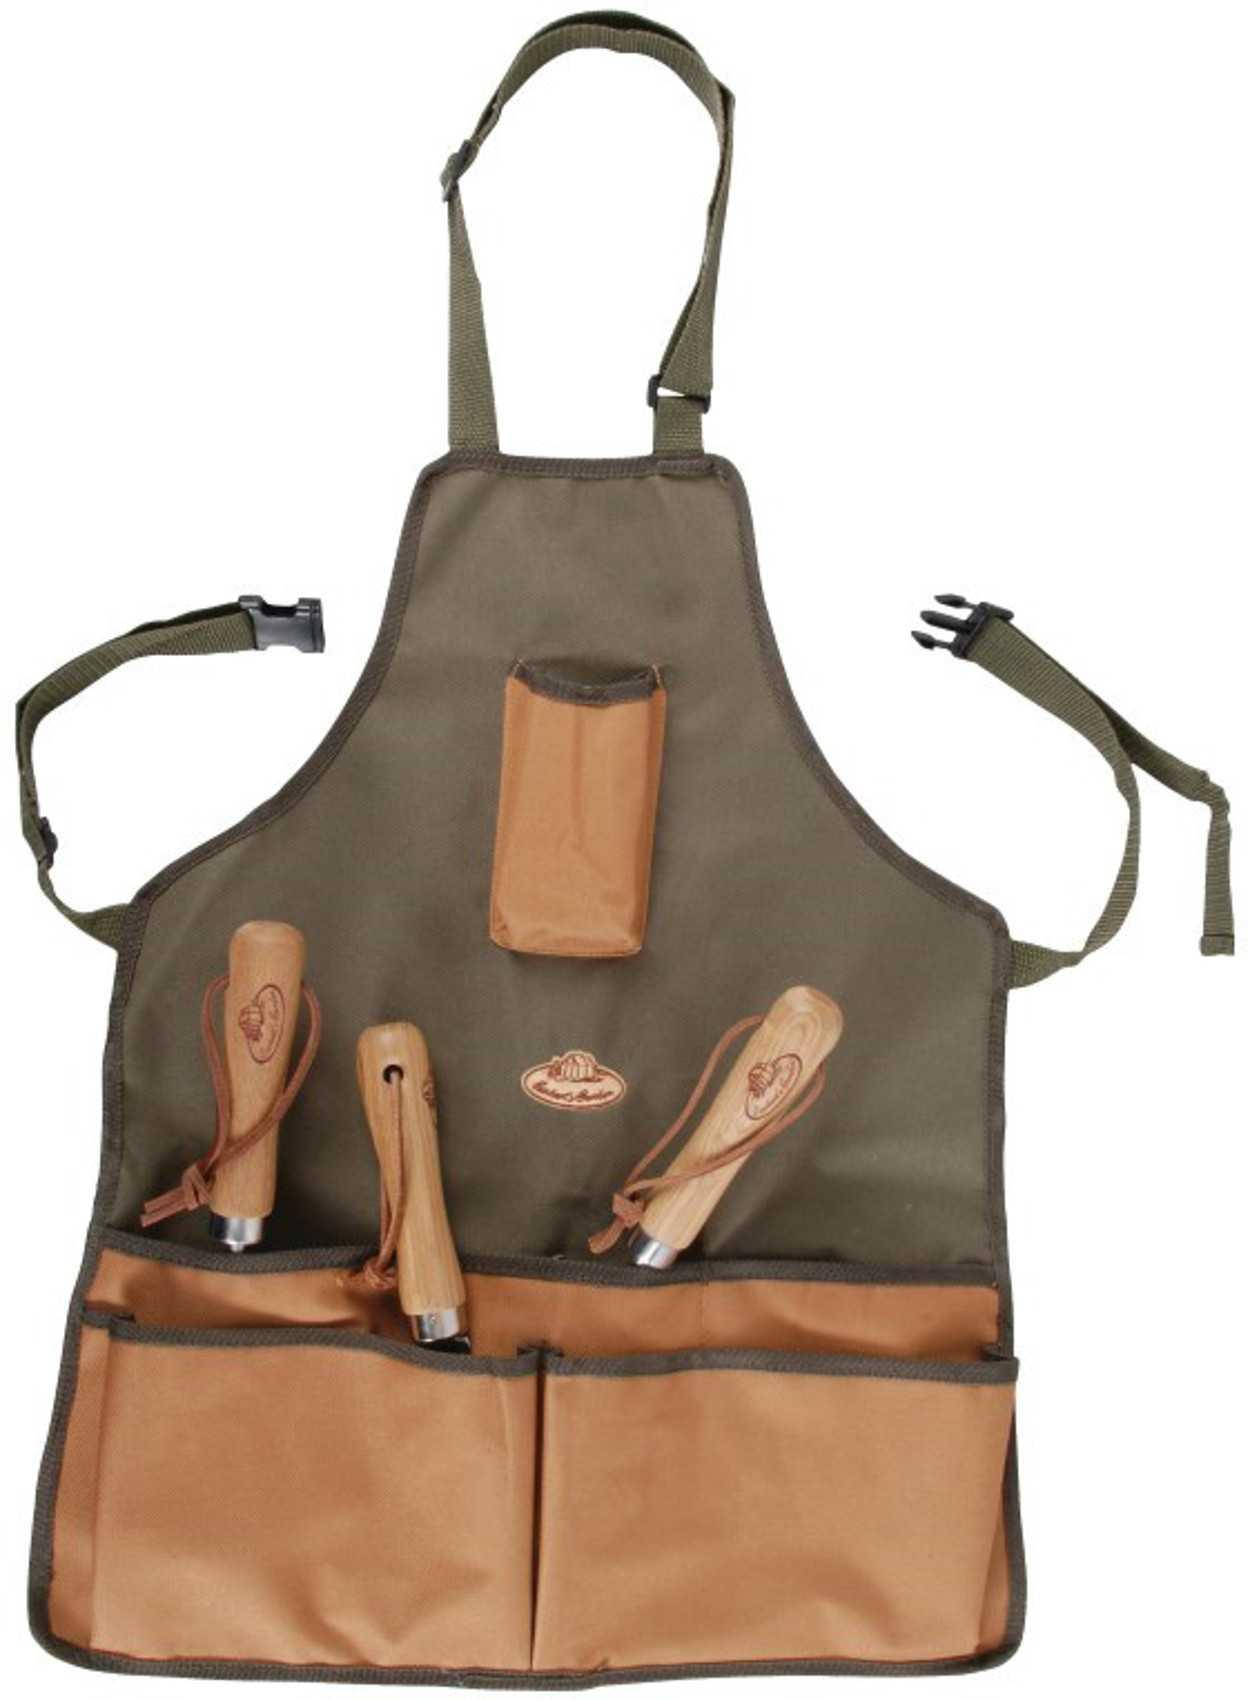 Khaki & Brown Gardening Set Tool Stool Kneeling Pad & 5 Pocket Apron ...